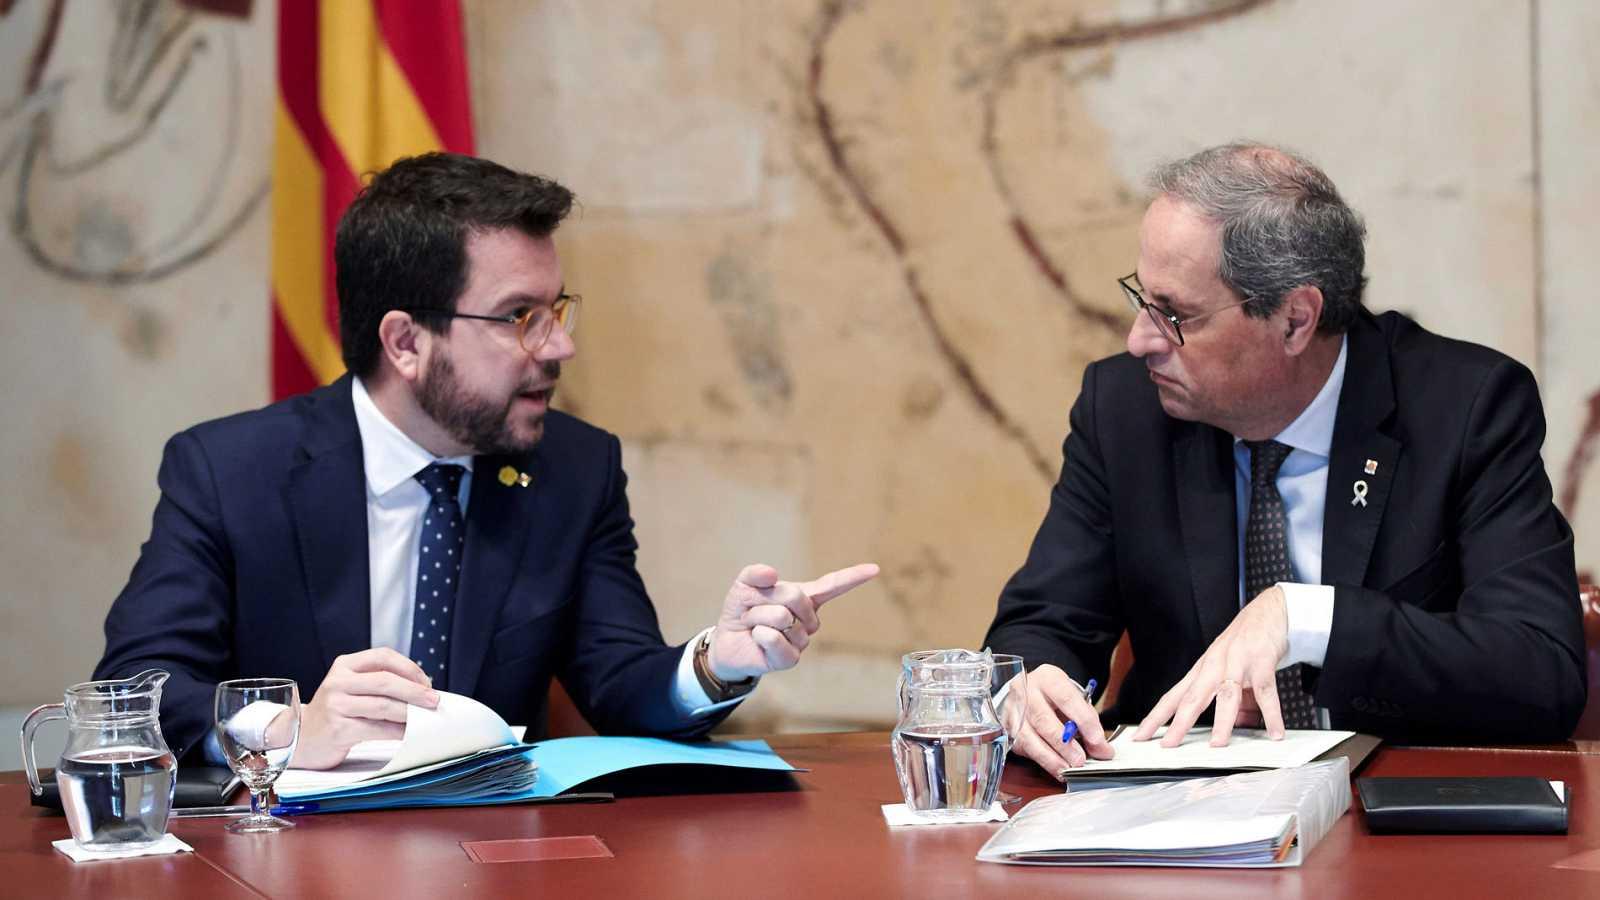 El presidente de la Generalitat, Quim Torra, conversa con su vicepresidente, Pere Aragonés, durante la reunión semanal del gobierno catalán